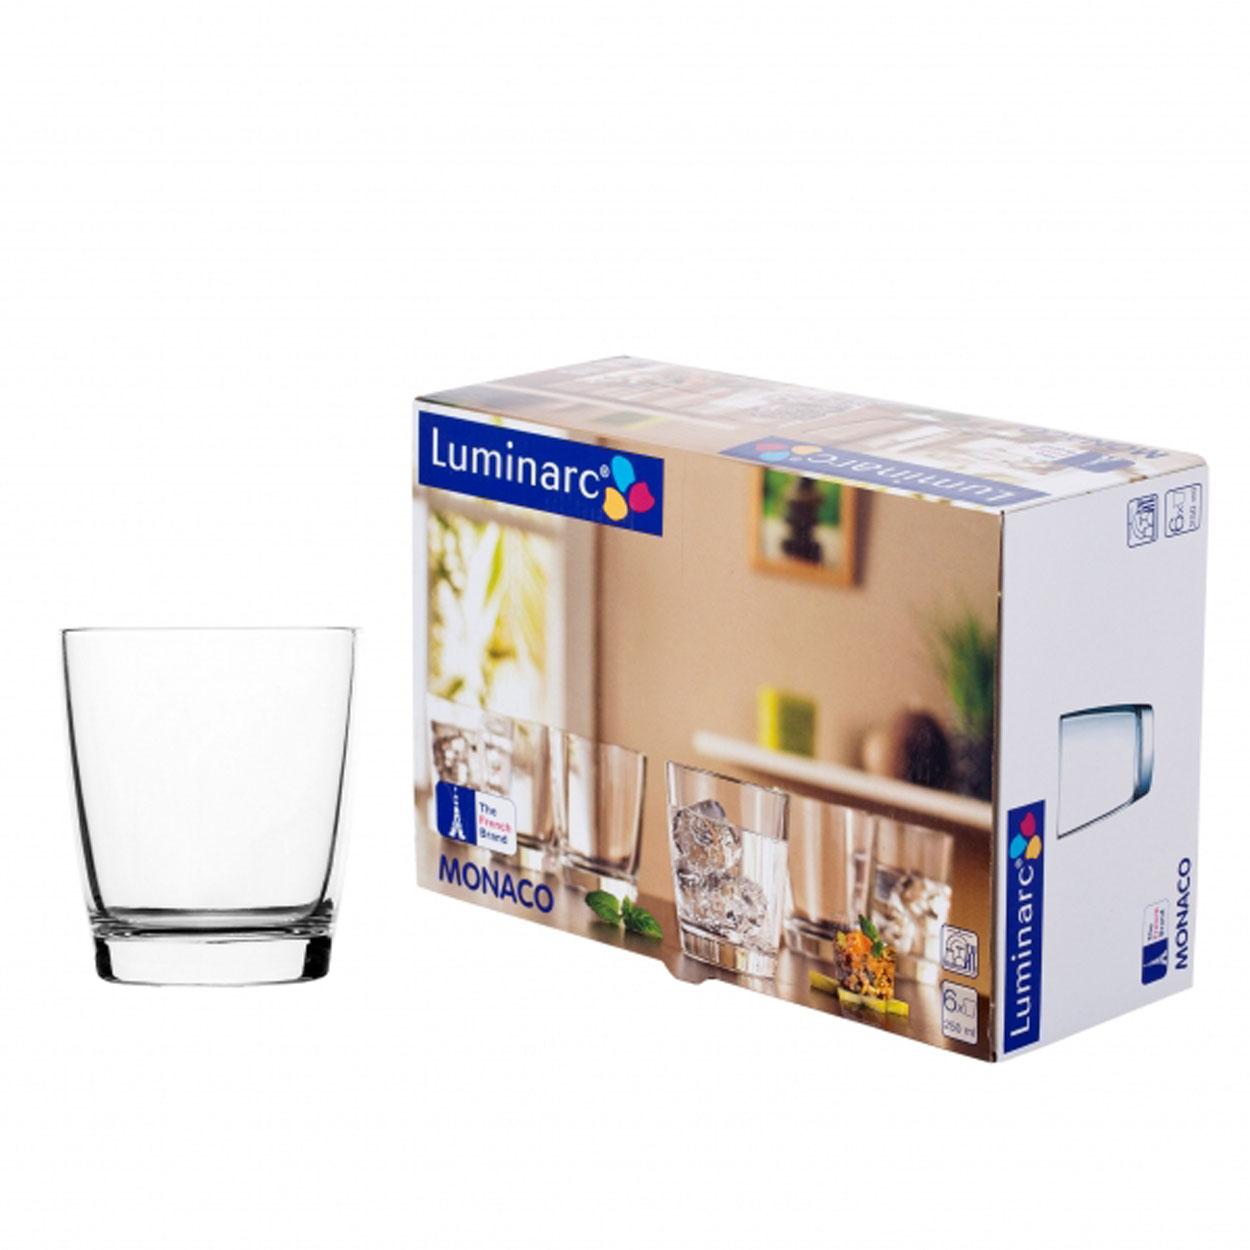 Набор стаканов Luminarc Monaco, 250 мл, 6 штVT-1520(SR)Набор Luminarc Monaco состоит из 6 низких стаканов, выполненных из высококачественного стекла. Изделия подходят для сока, воды, лимонада и других напитков. Такой набор станет прекрасным дополнением сервировки стола, подойдет для ежедневного использования и для торжественных случаев. Можно мыть в посудомоечной машине.Объем стакана: 250 мл.Высота стакана: 8,7 см.Диаметр стакана: 7,5 см.